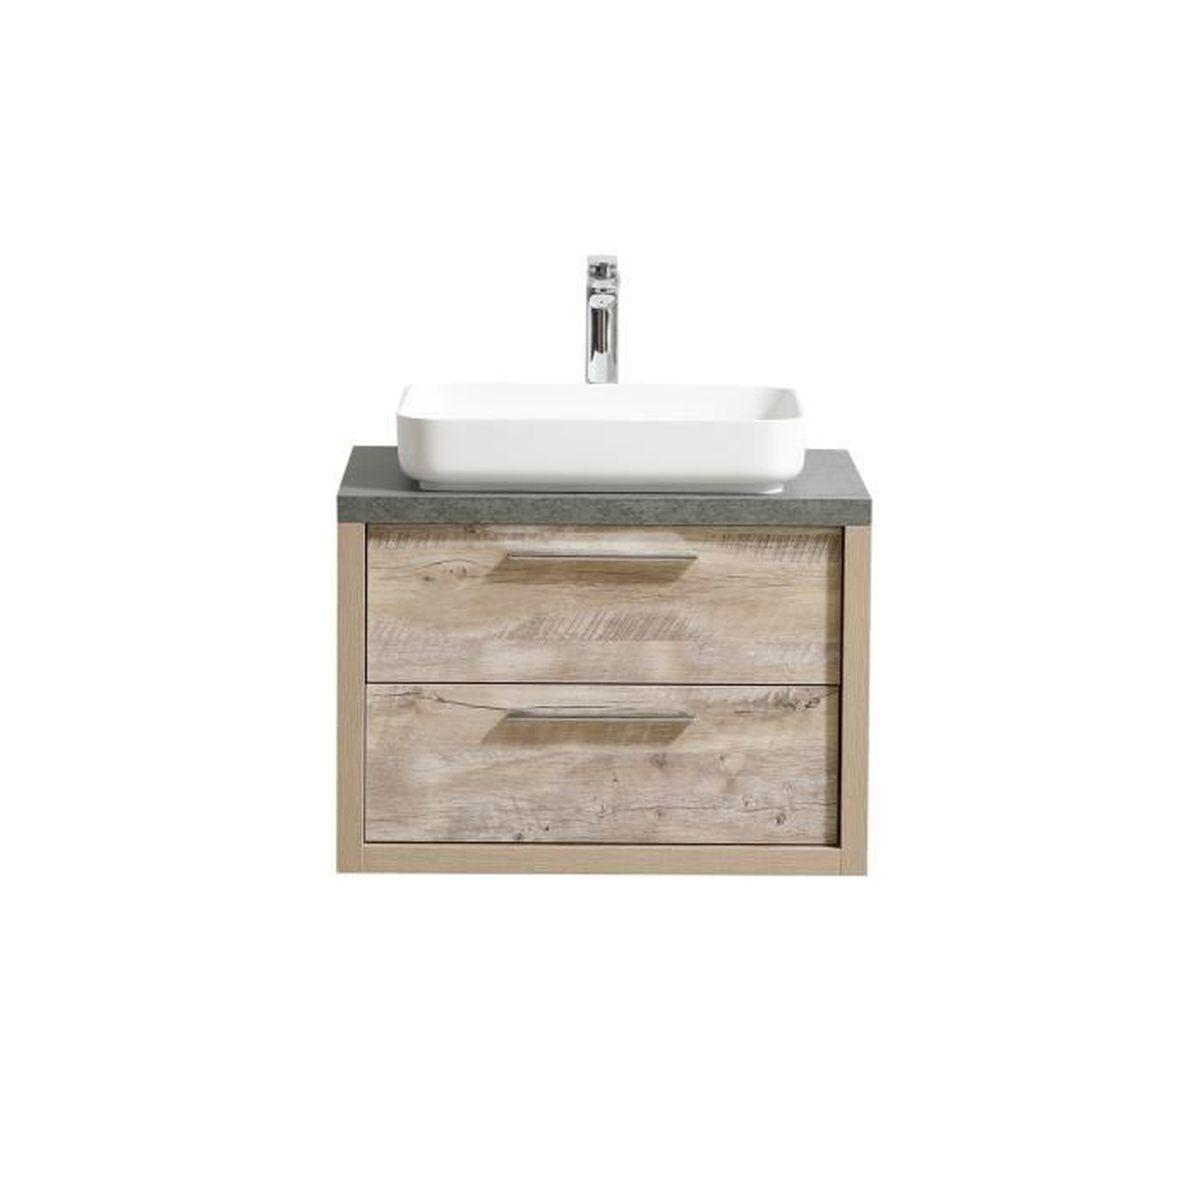 Armoire Salle De Bain 70 Cm Largeur meuble de salle de bain indiana 70cm lavabo nature wood